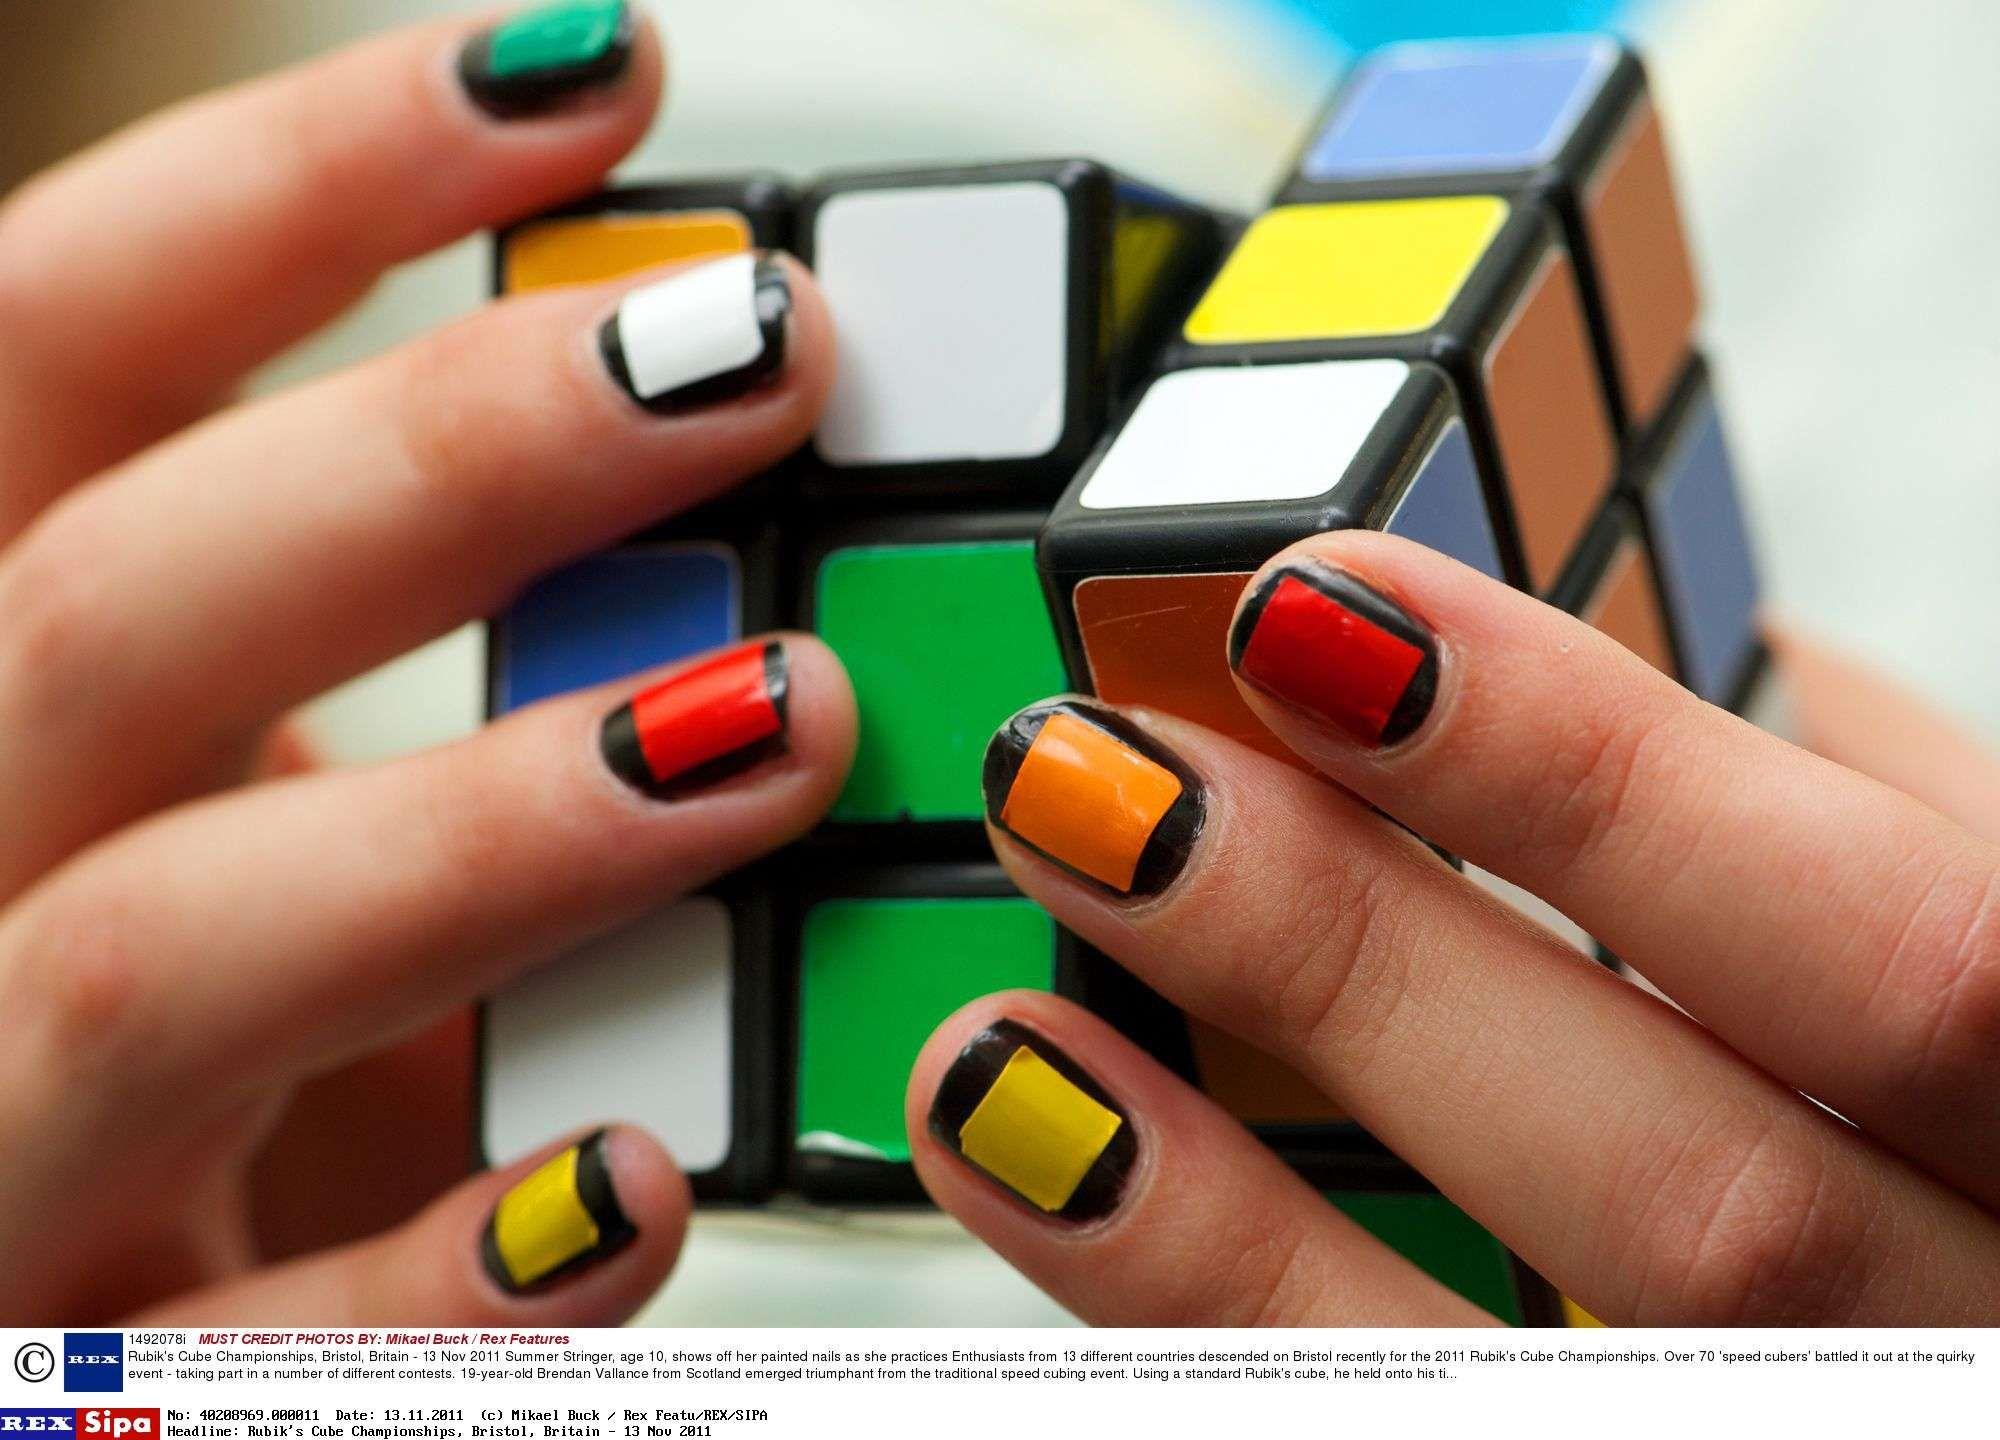 Rubik's Cube Les images incroyables du championnat de